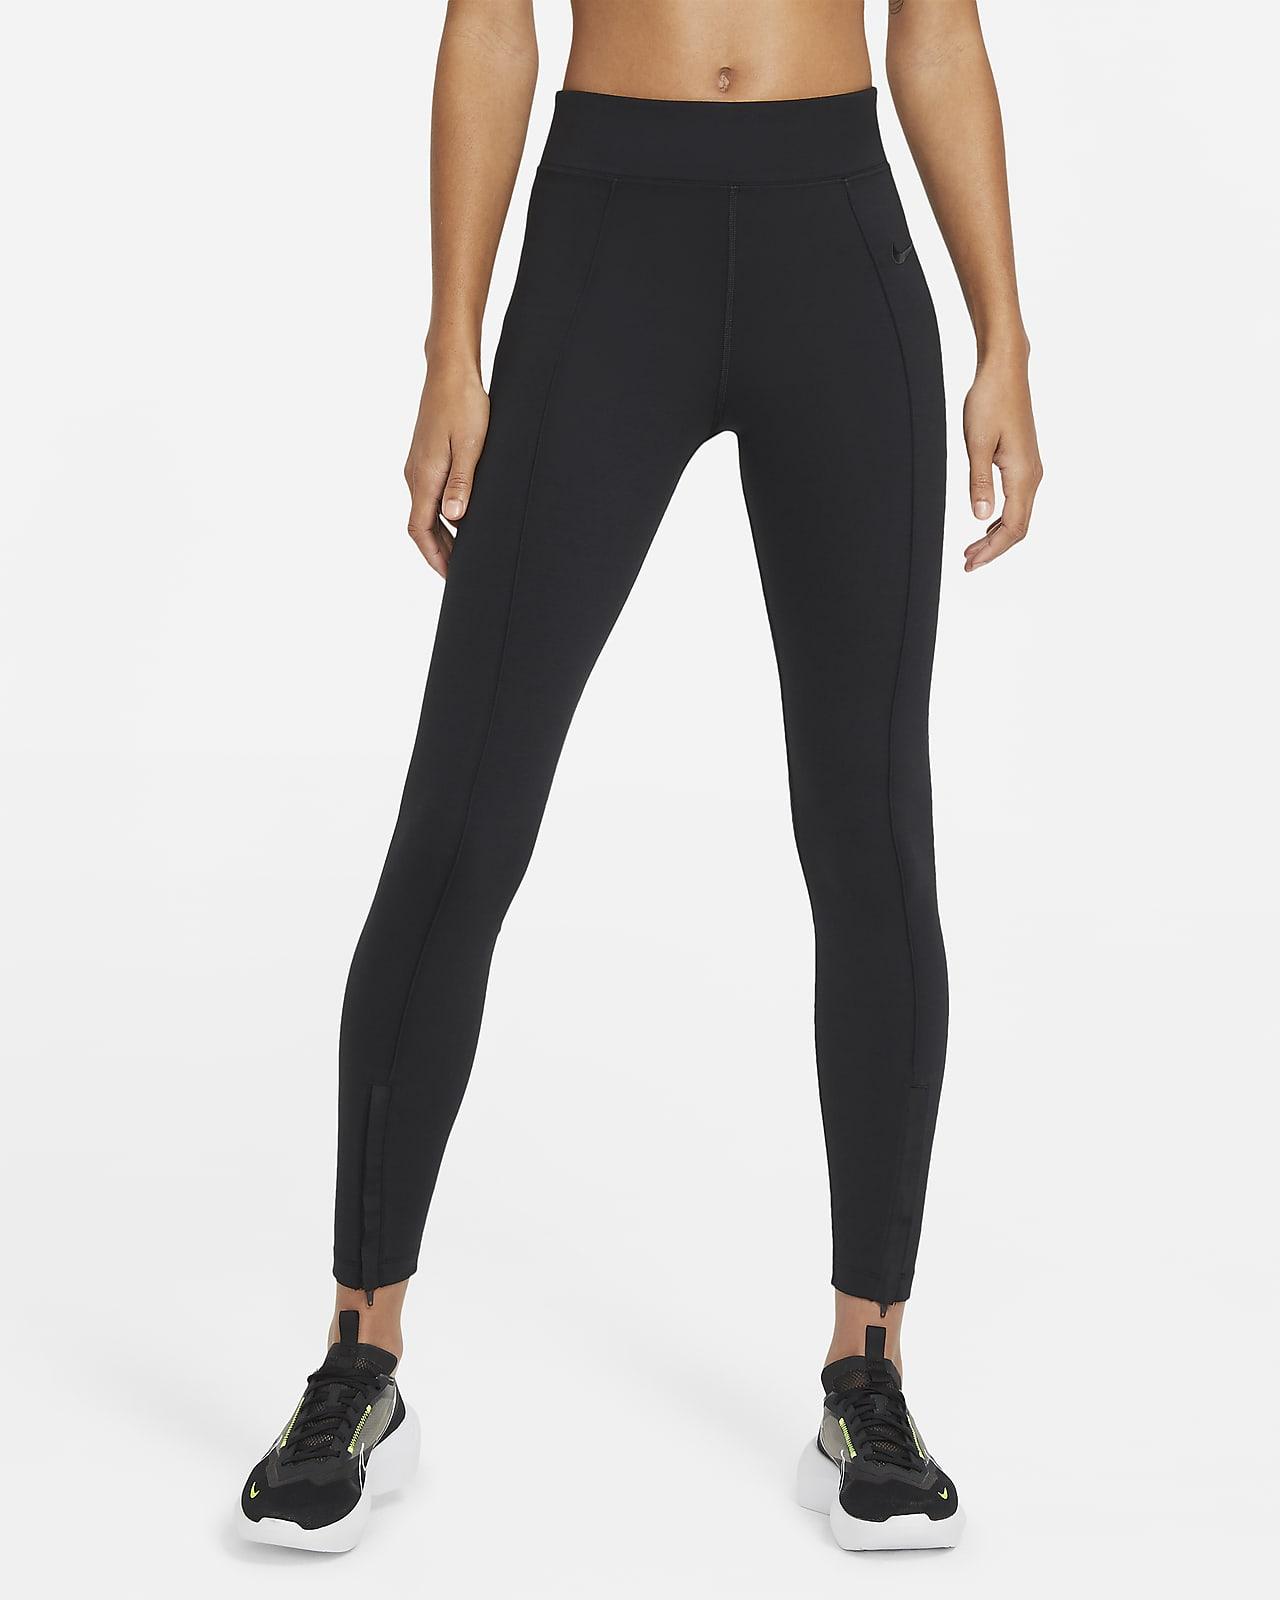 Nike Sportswear Leg-A-See Women's Leggings